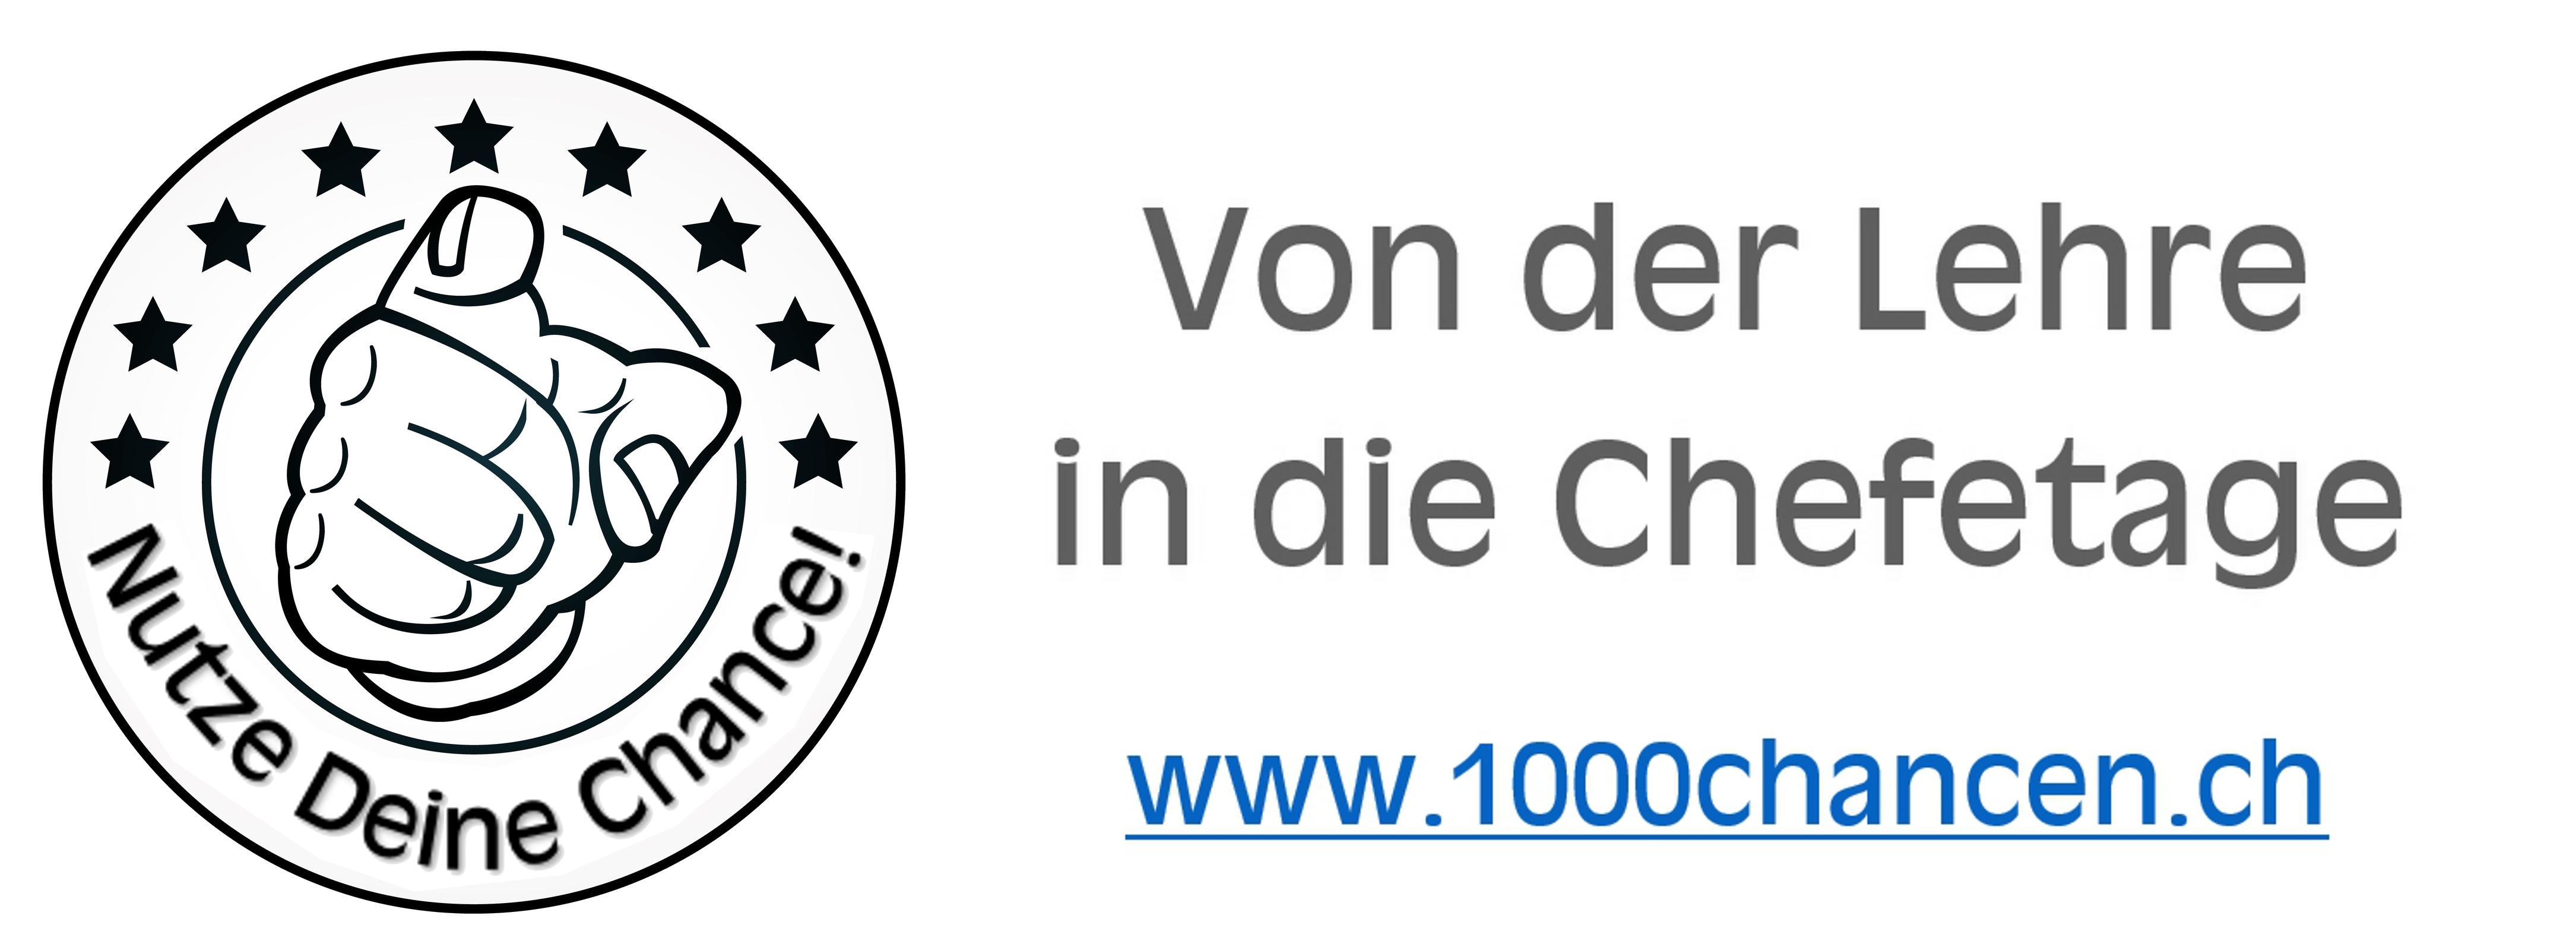 1000chancen.ch